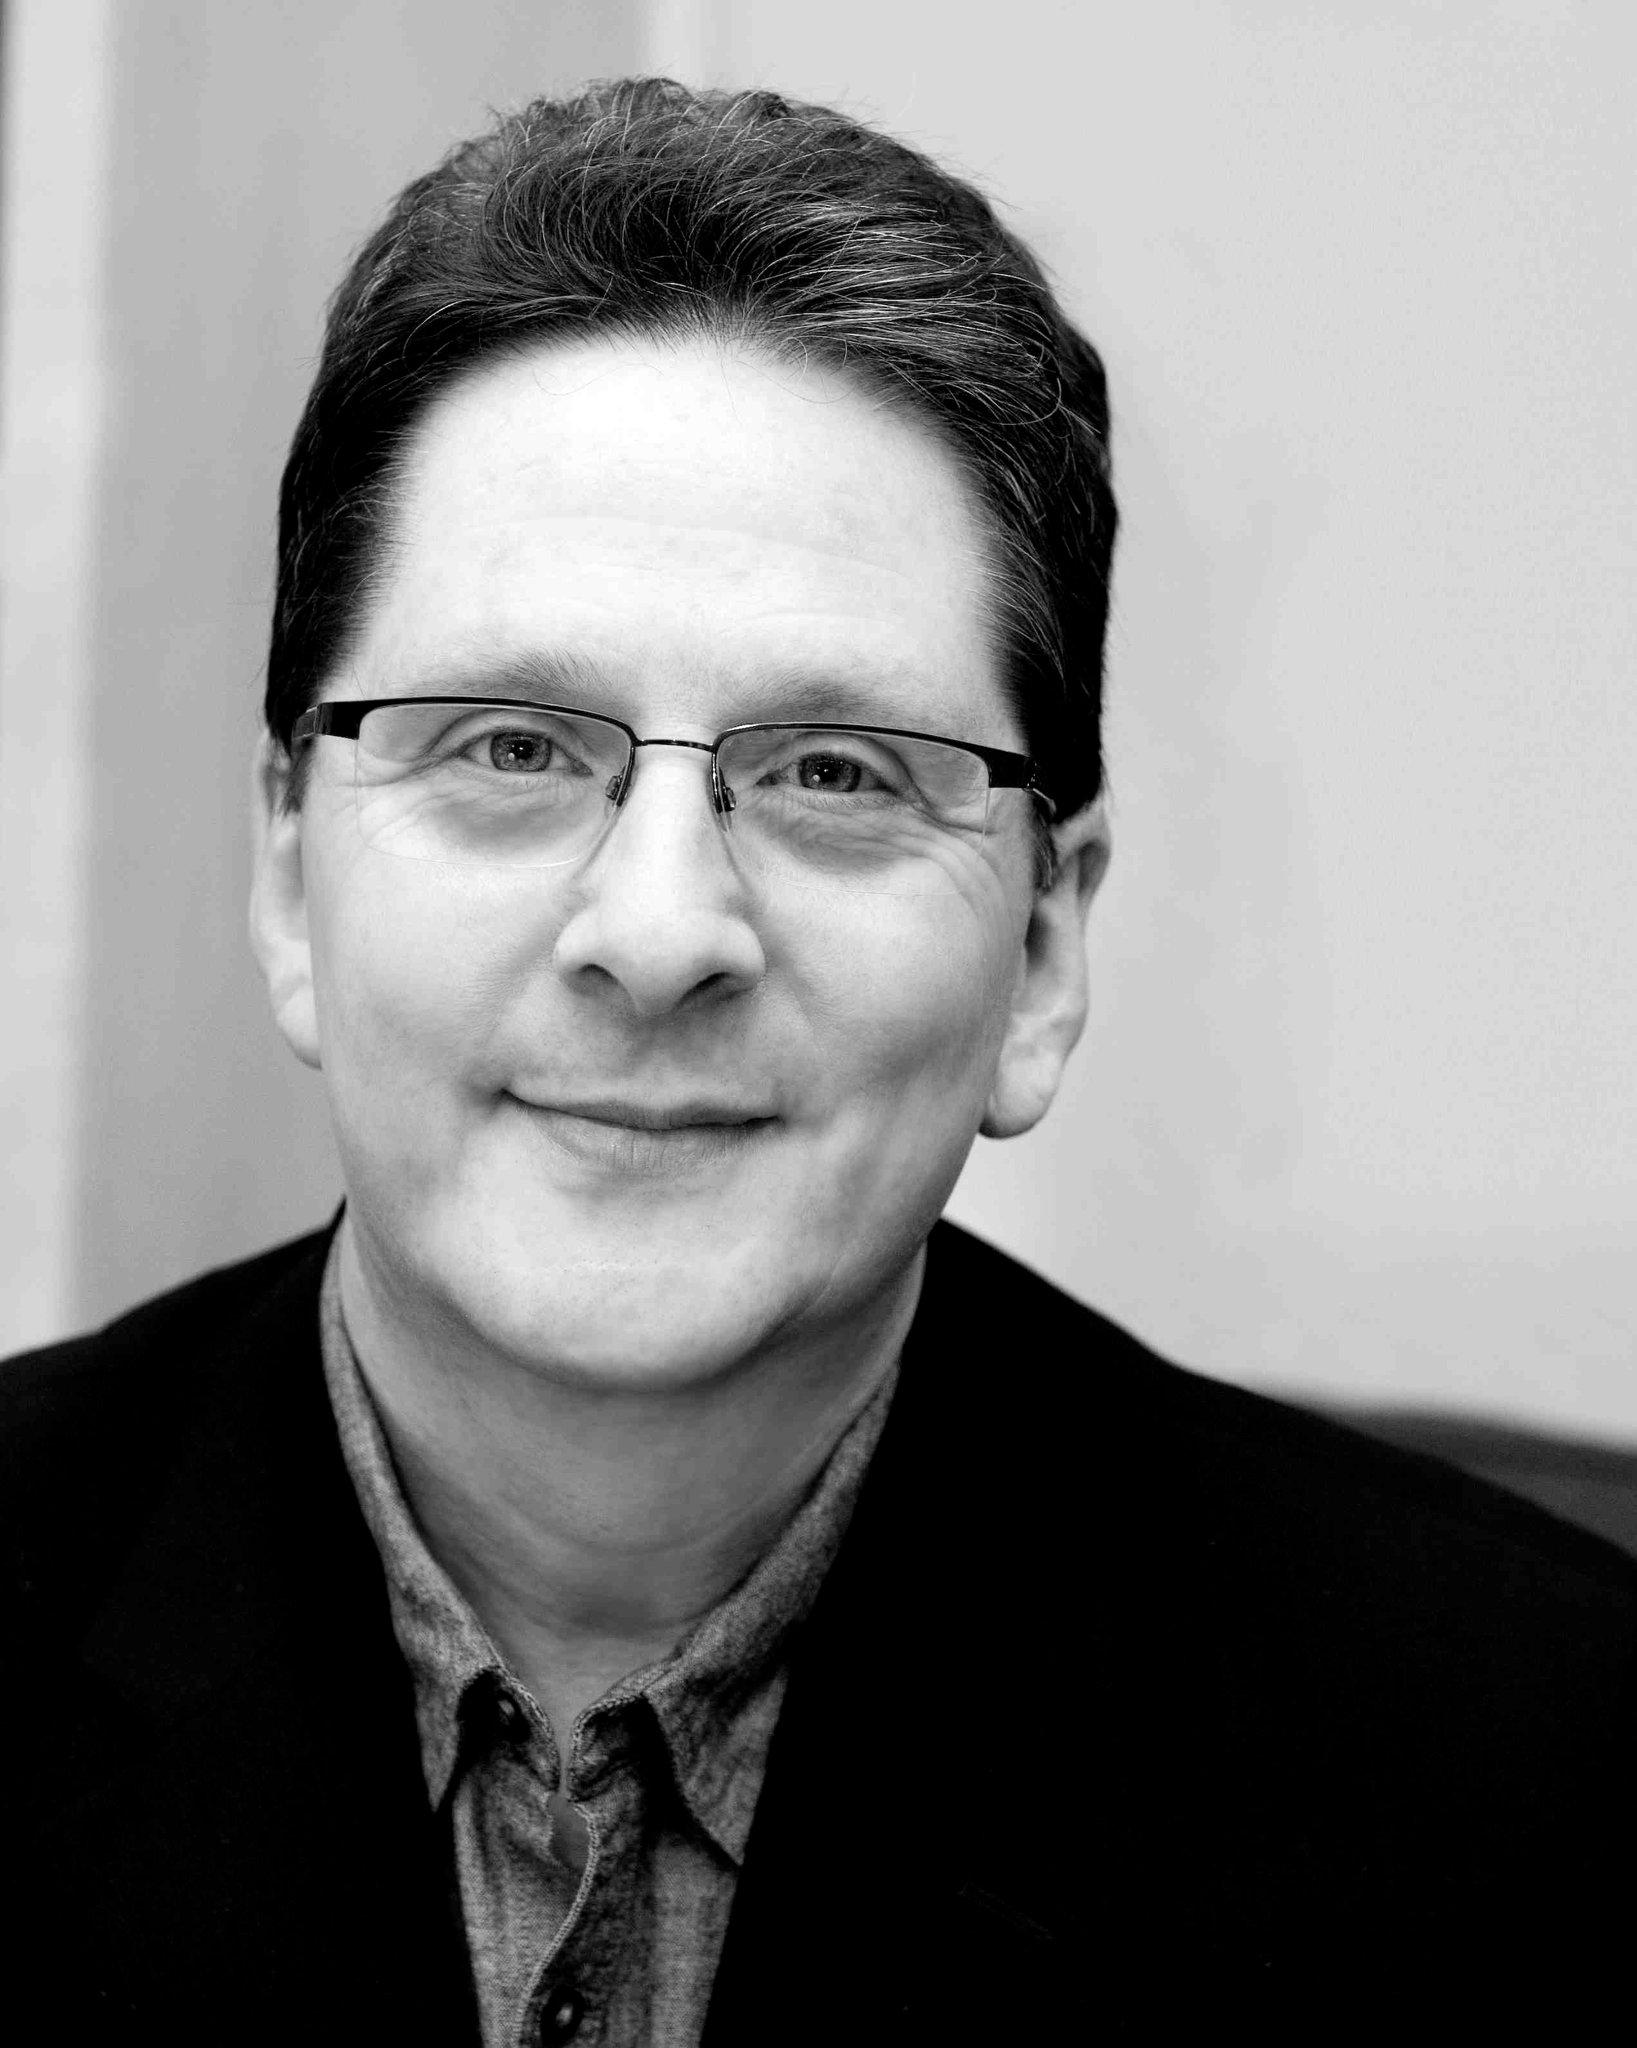 David Cannistraci